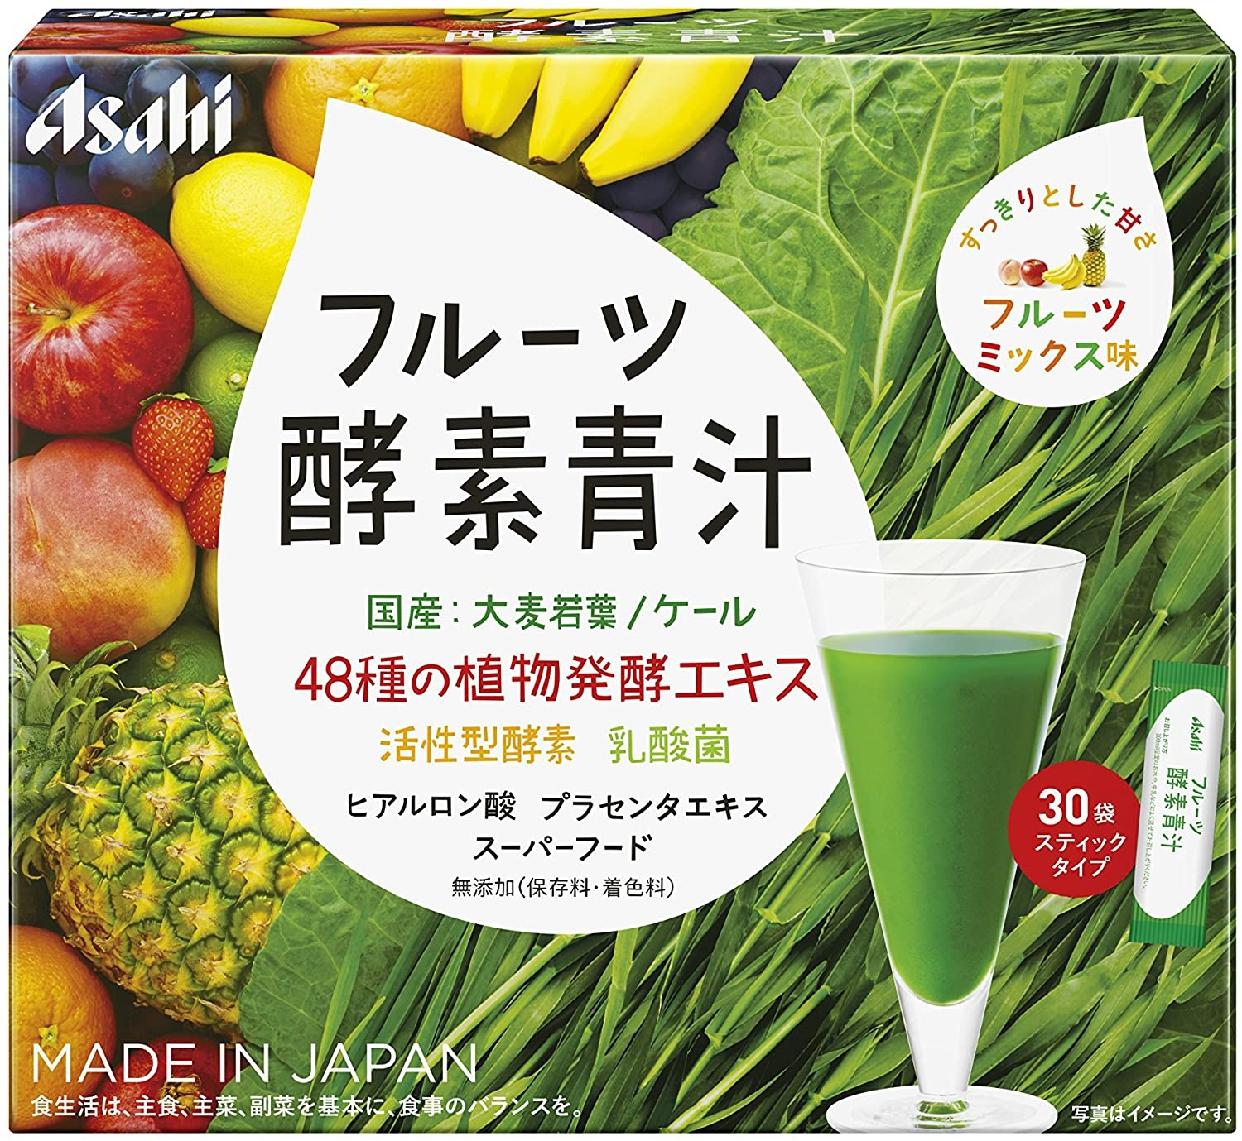 アサヒグループ食品(あさひぐるーぷしょくひん)フルーツ酵素青汁の商品画像4